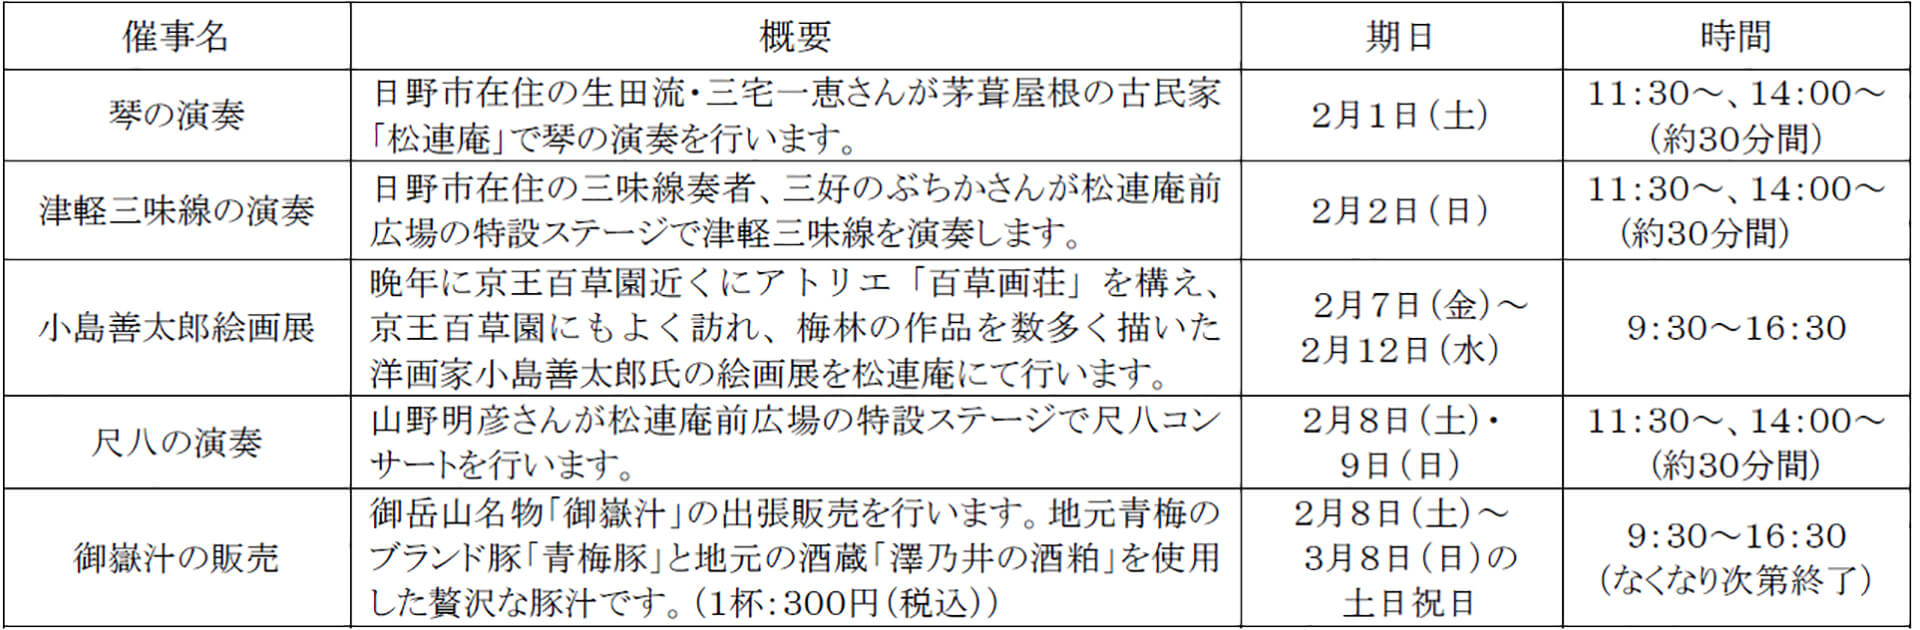 京王百草園「梅まつり」イベントリスト